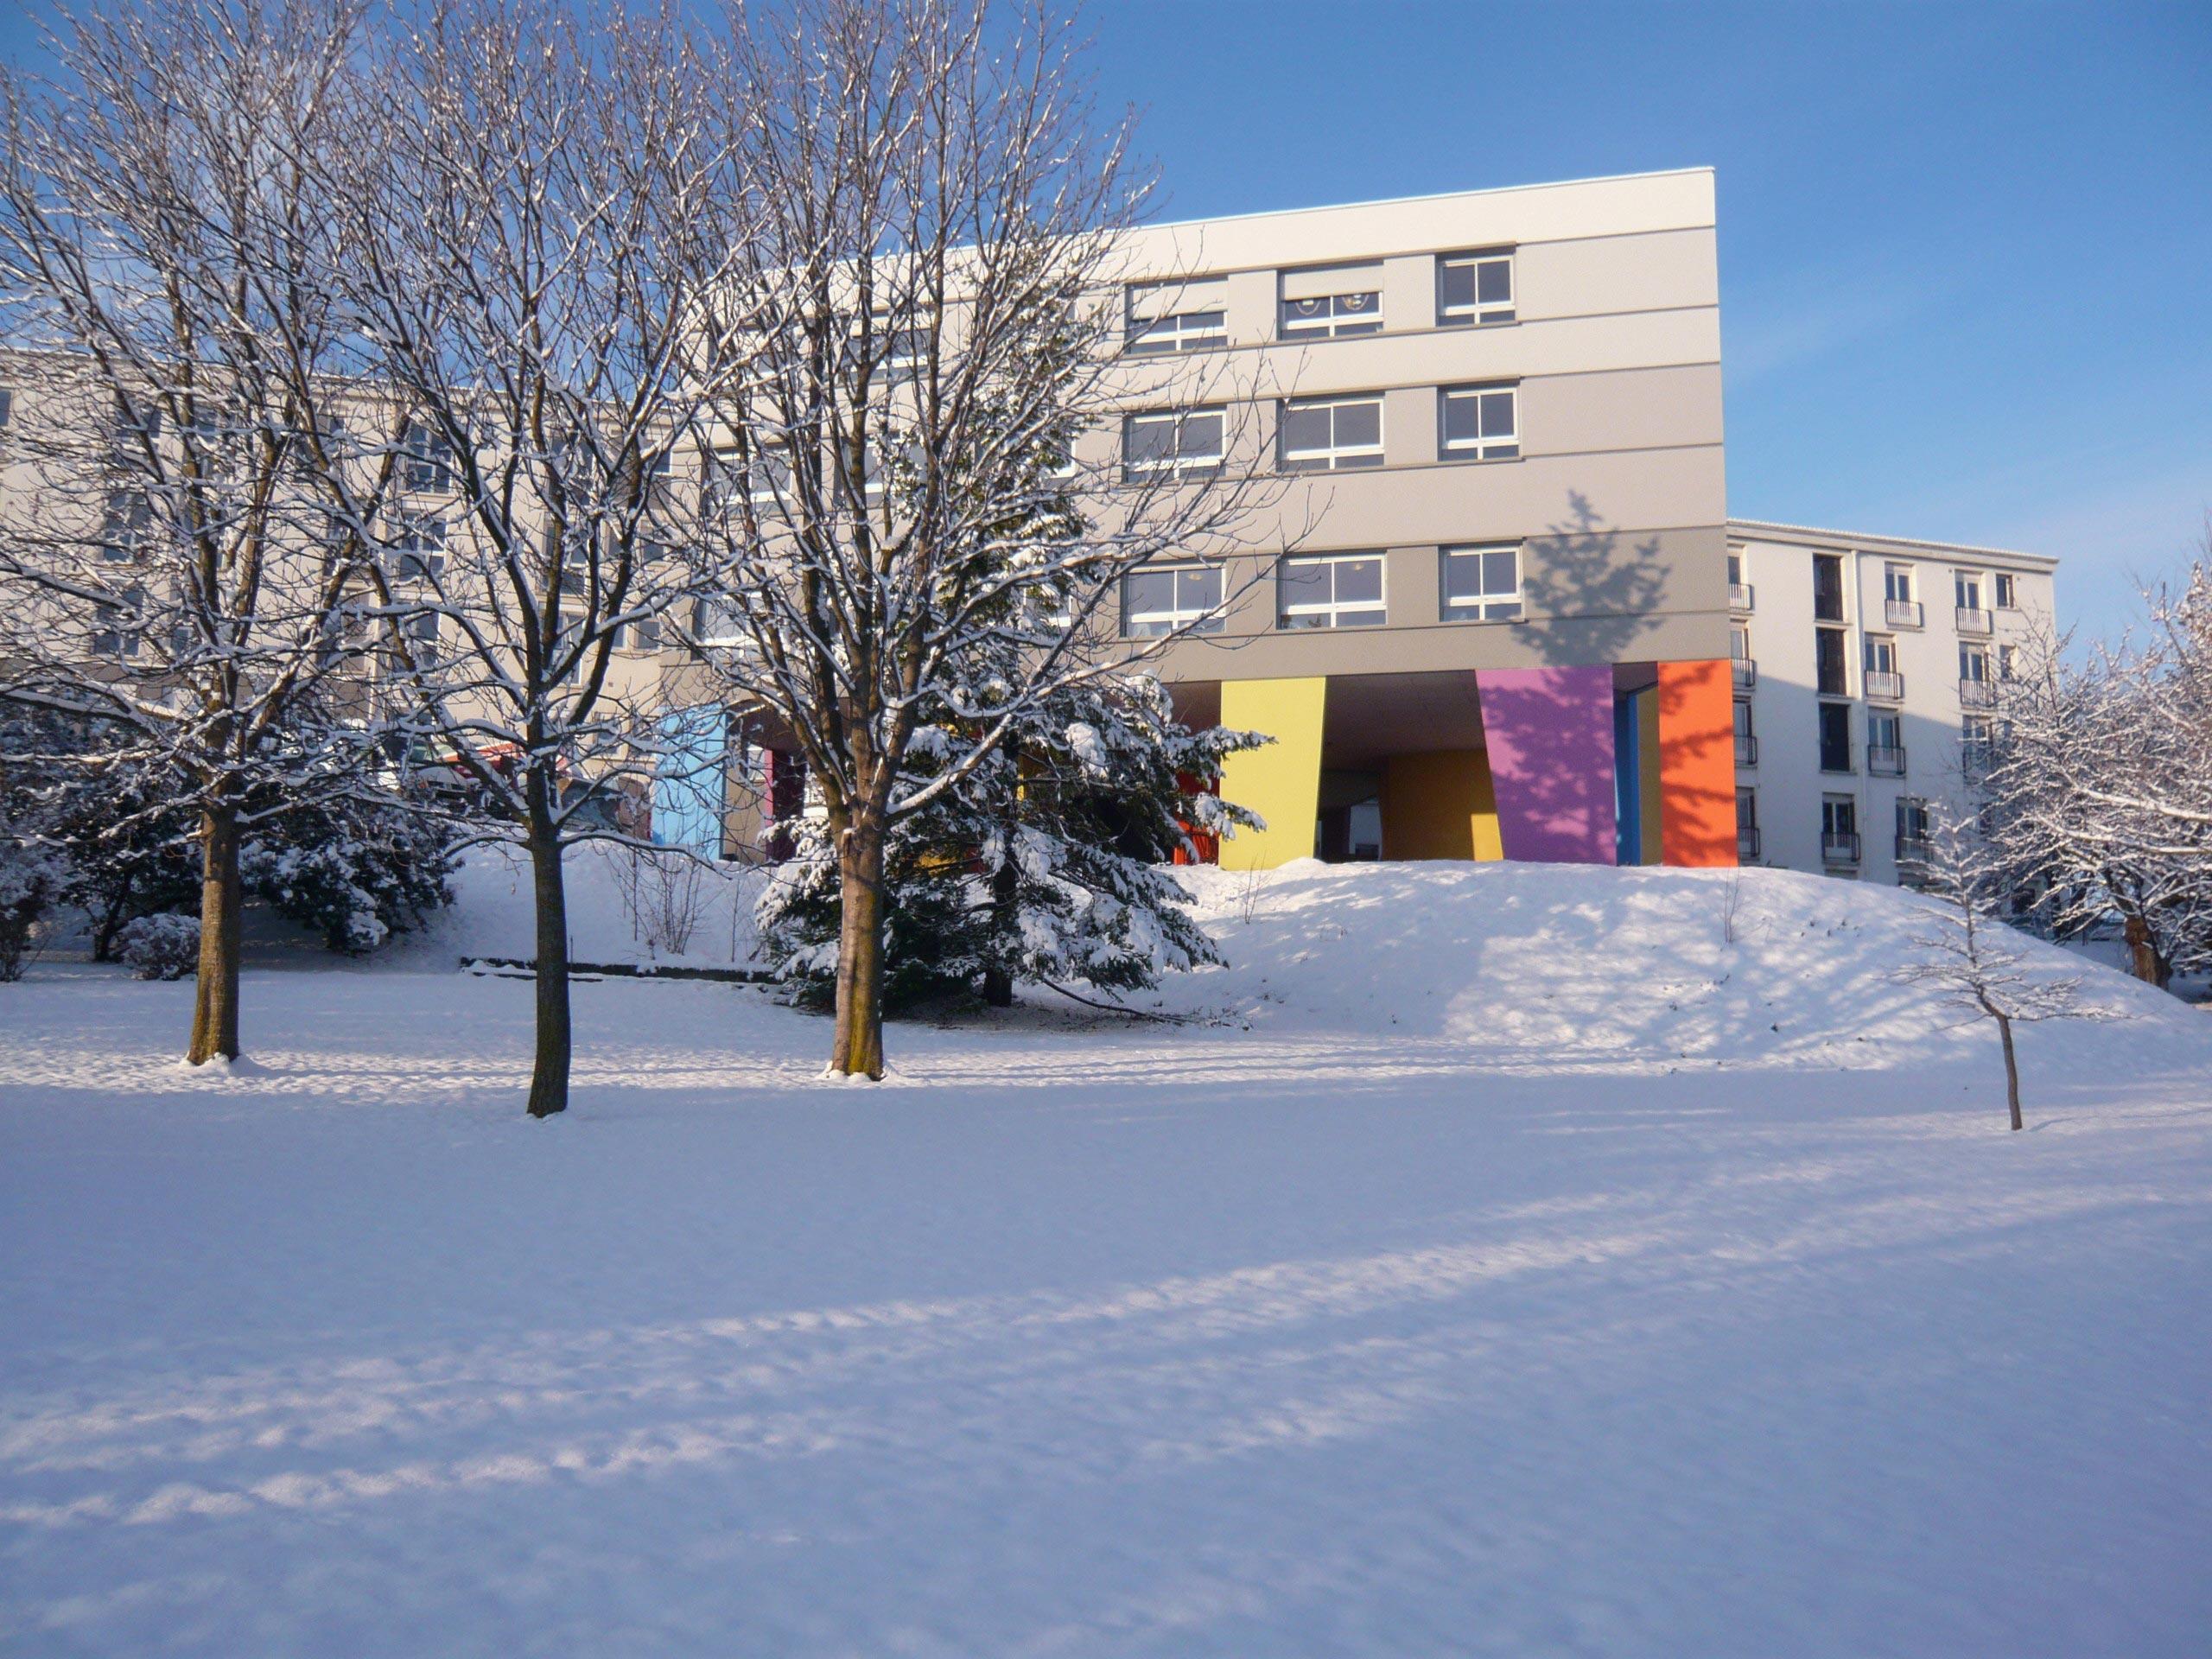 vue en hiver Etablissement MRS Le Cendre Gonin Architectes